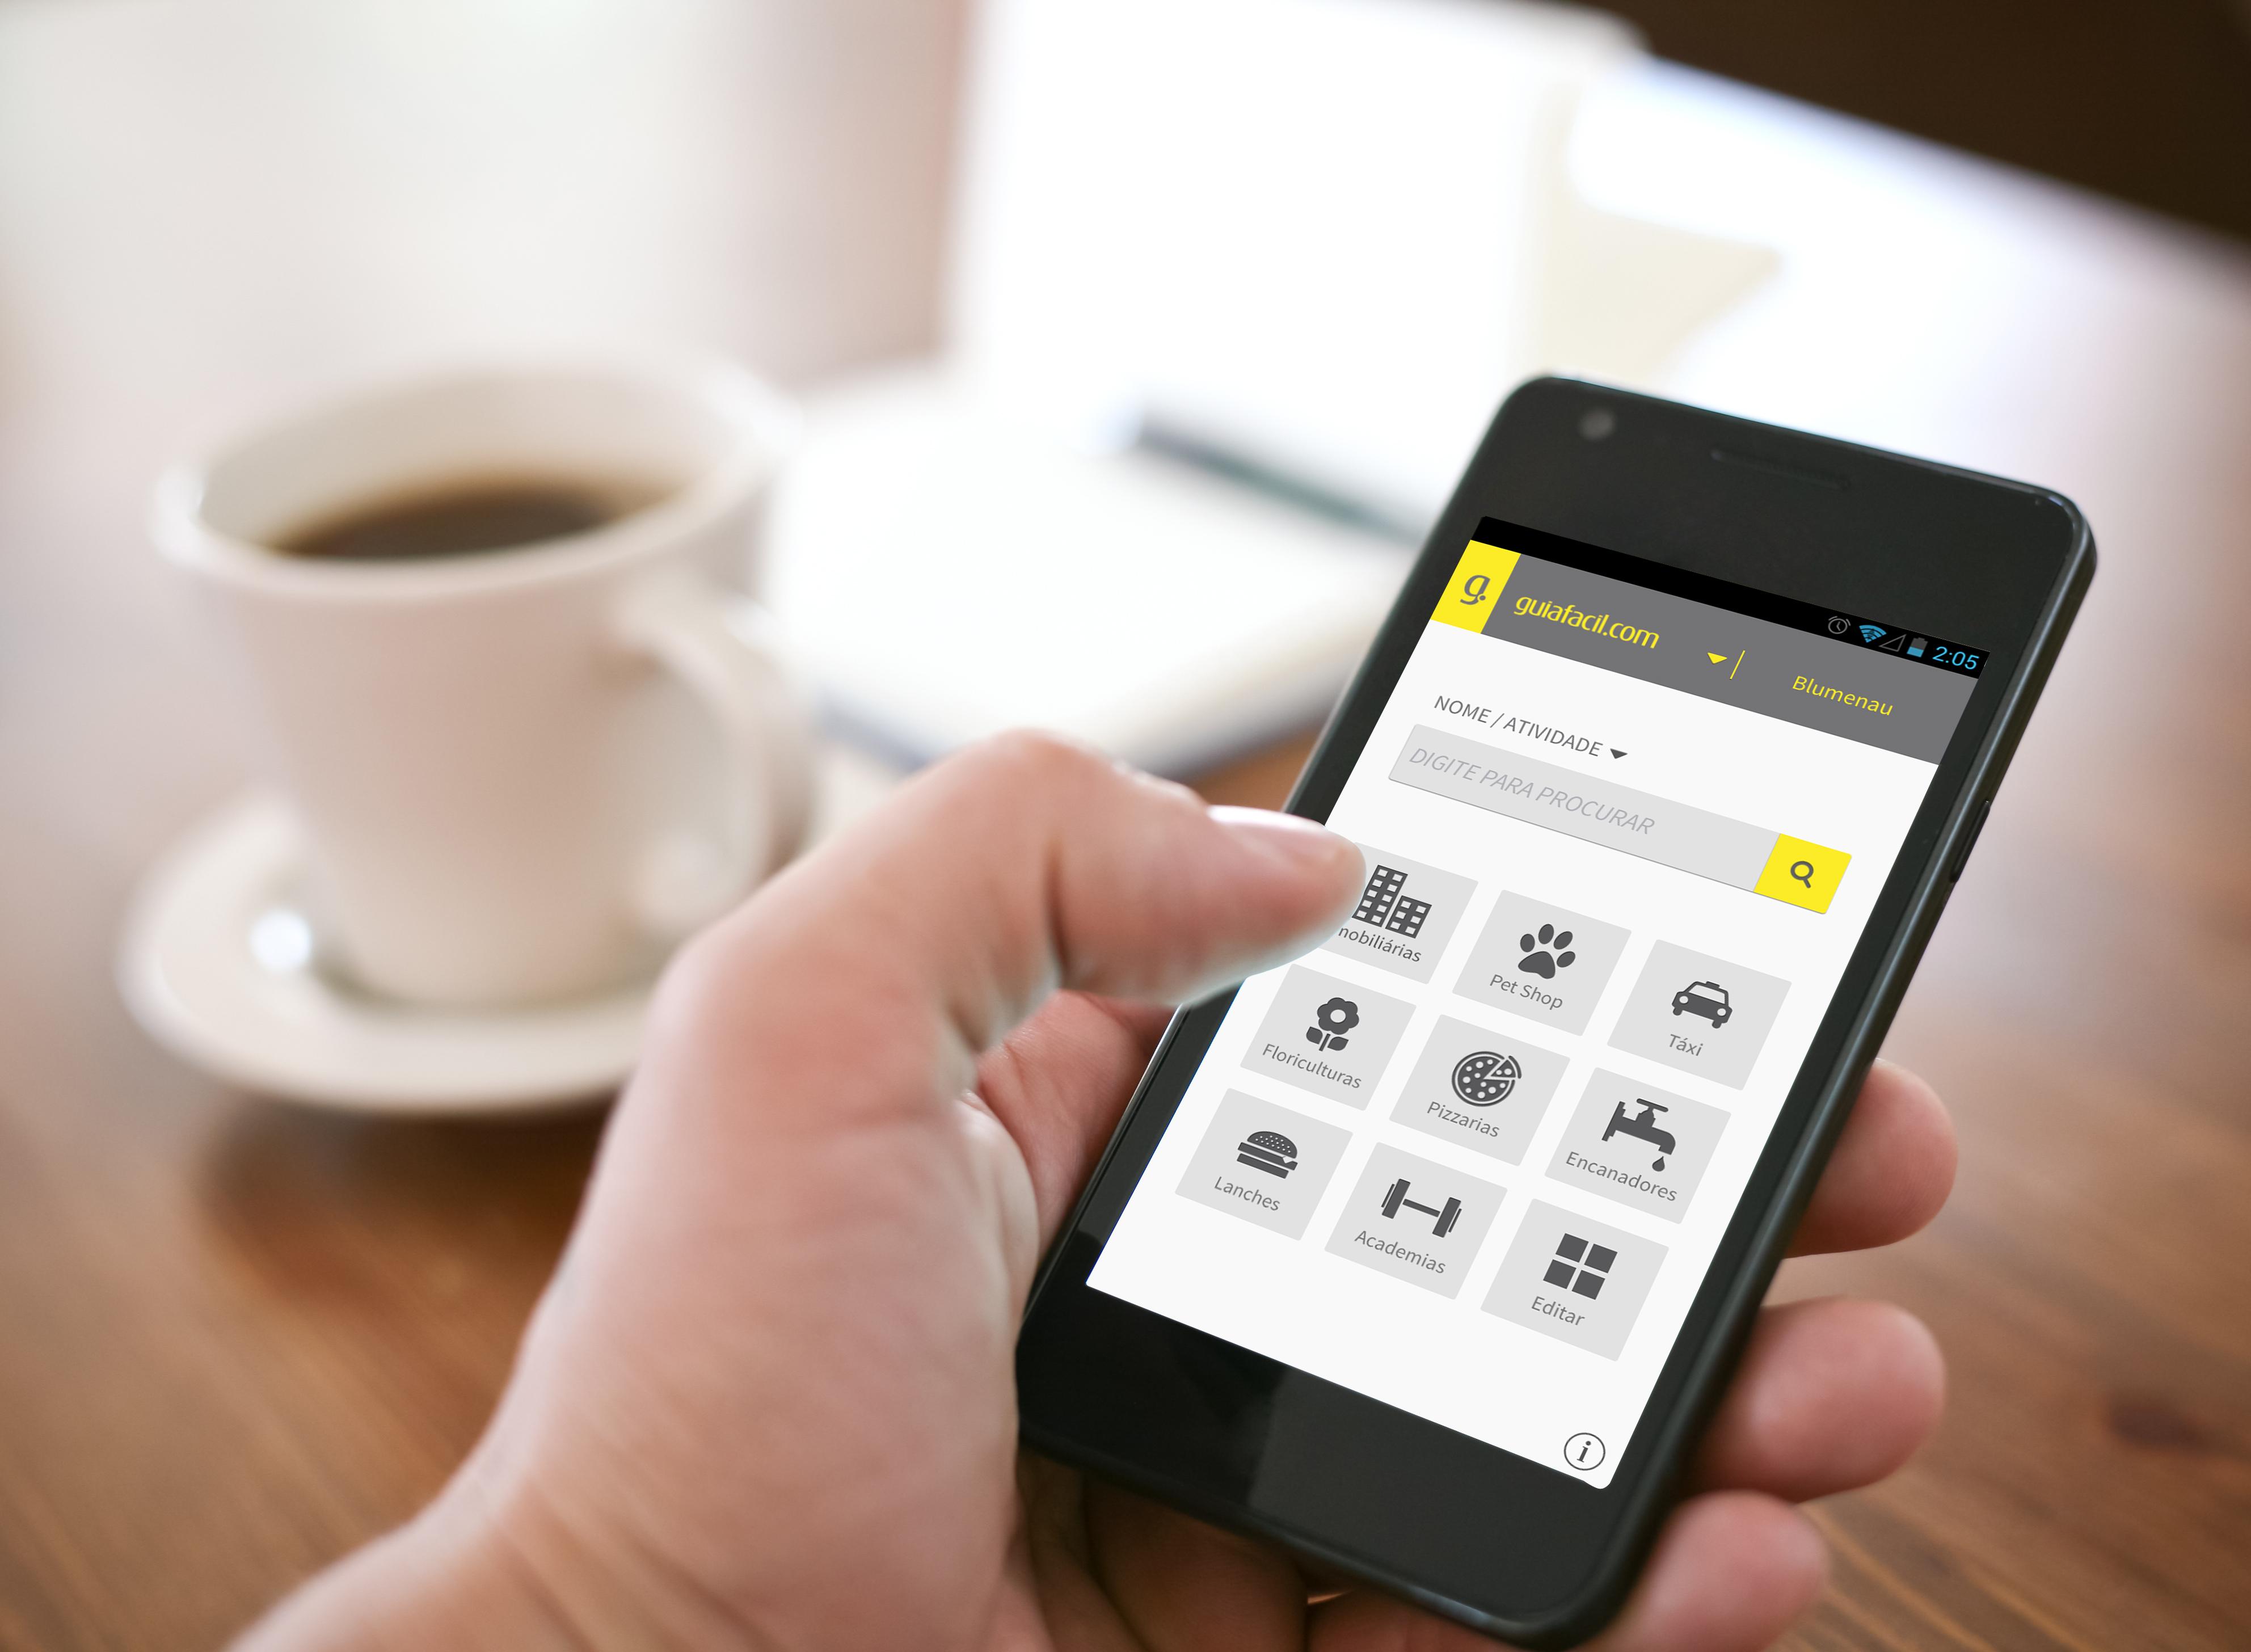 Conheça mais esse aplicativo inusitado (Foto: Divulgação)